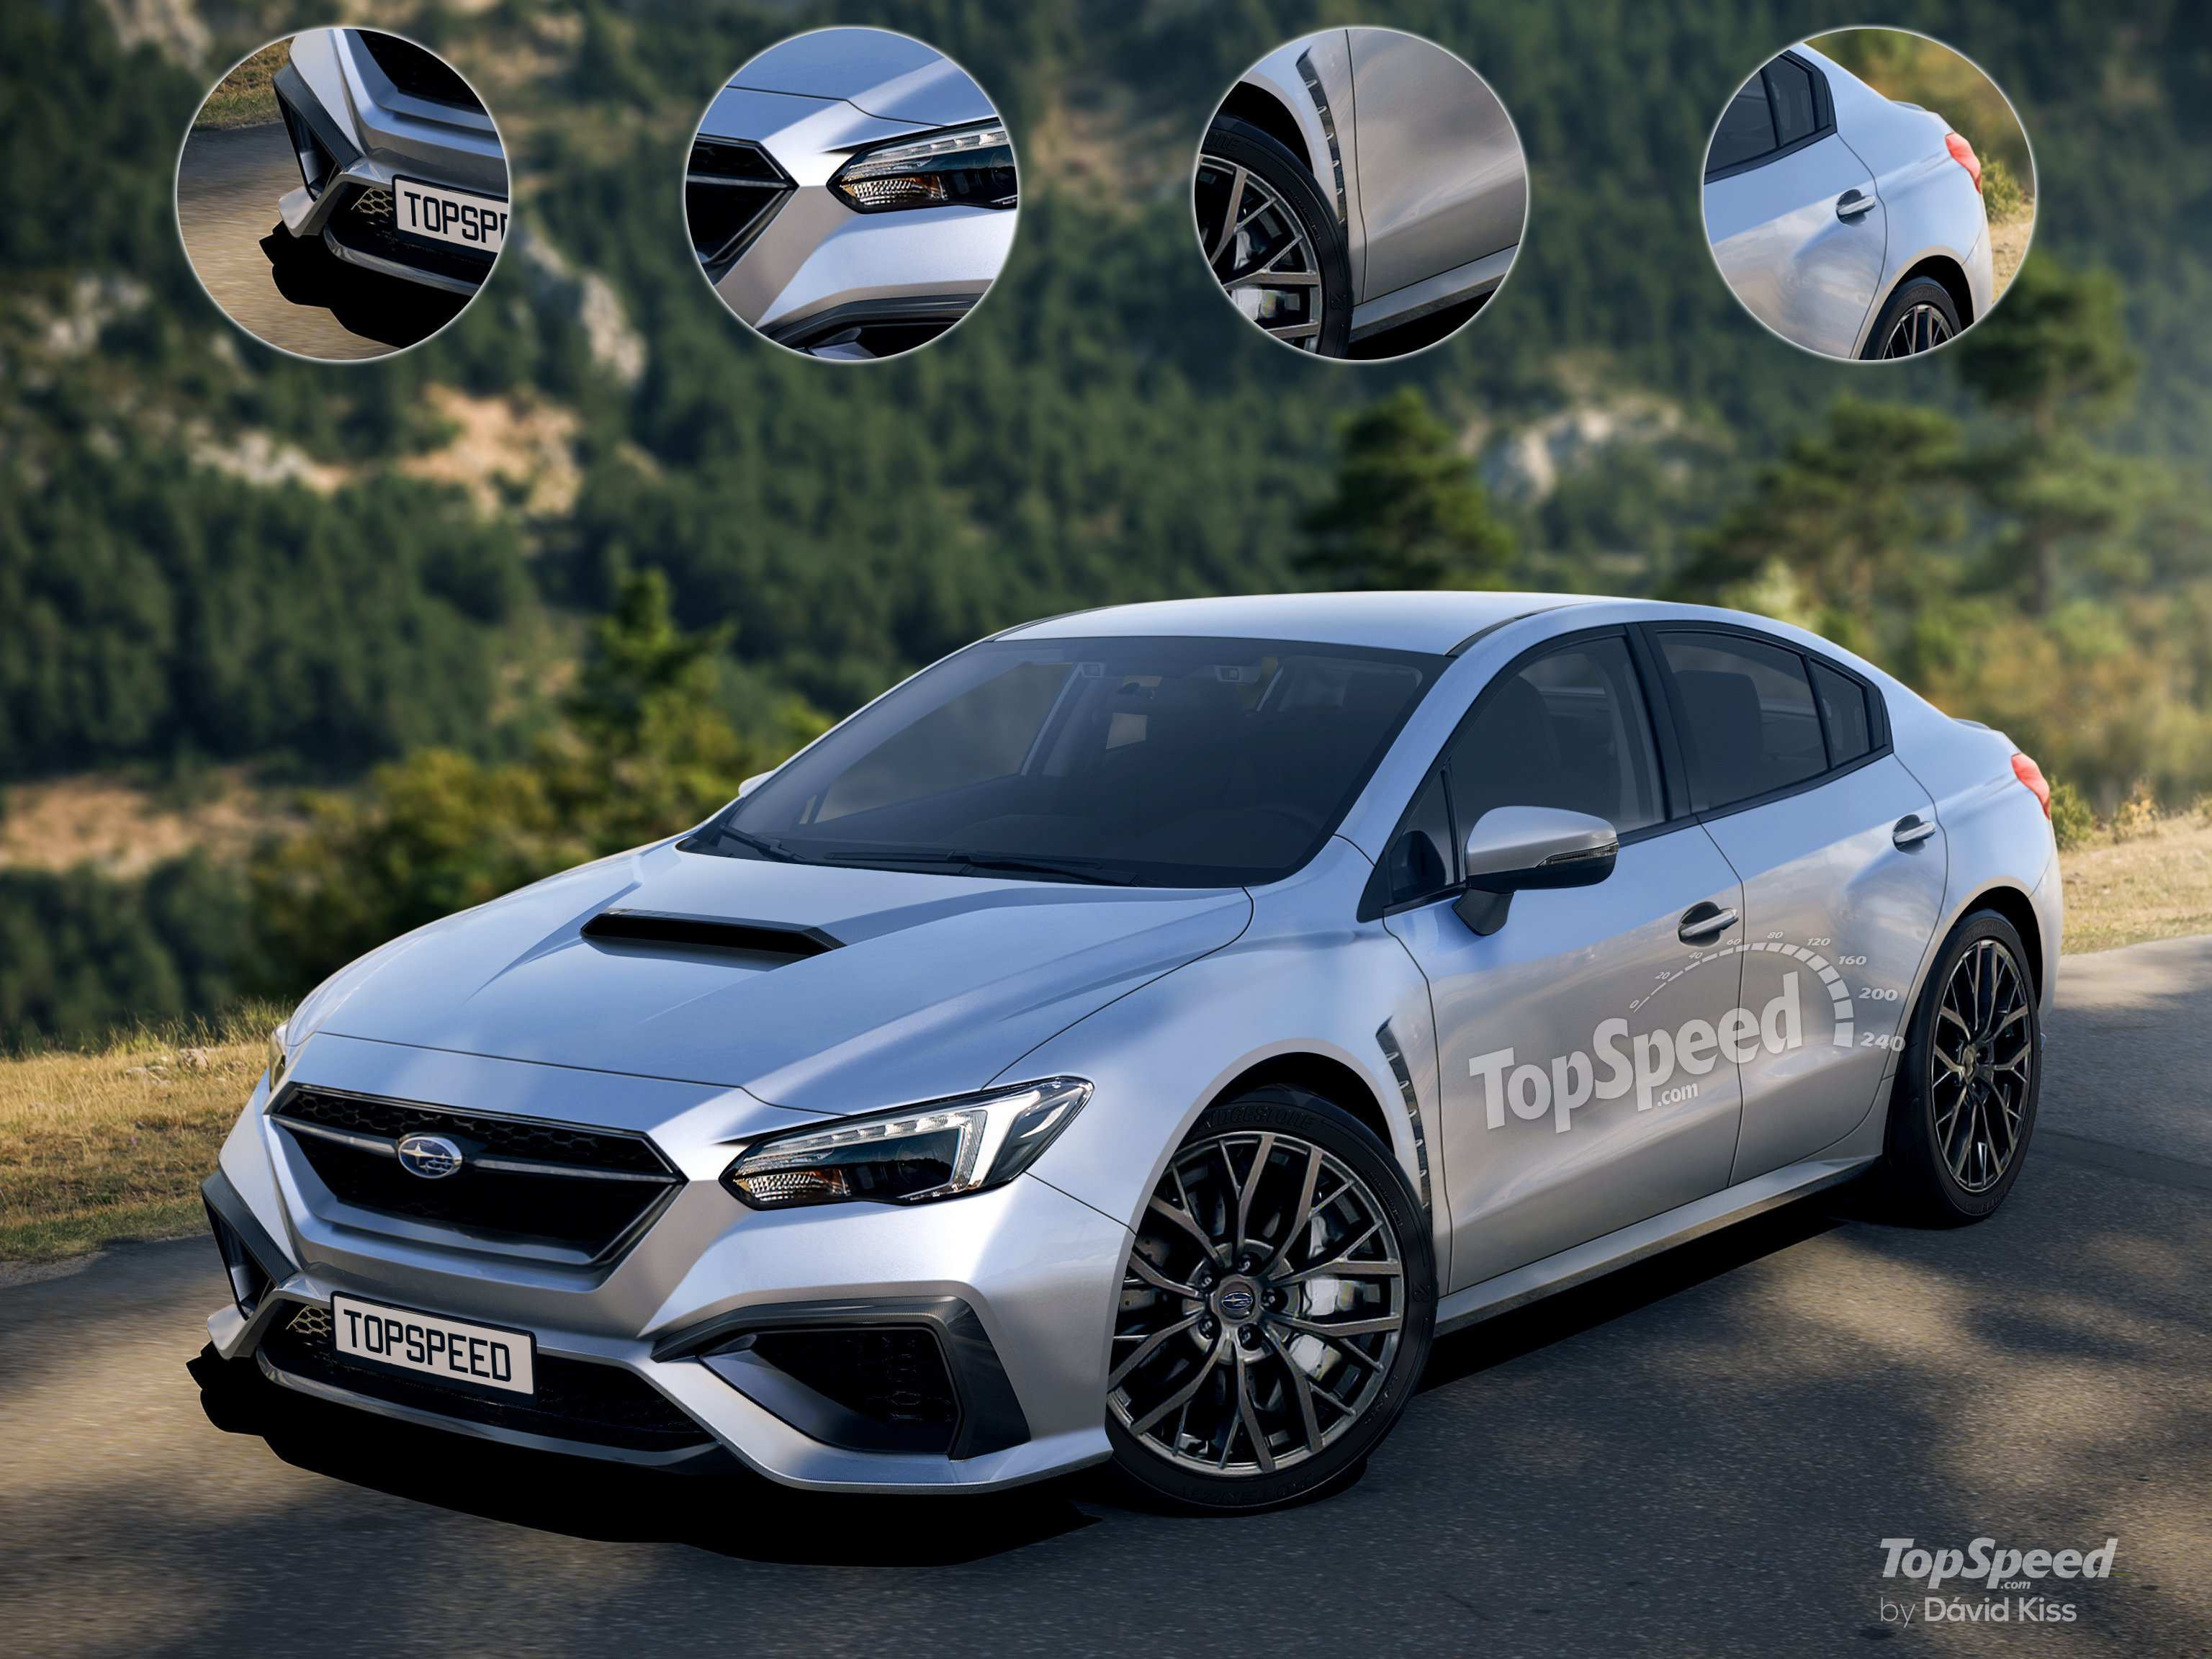 23 Gallery of 2020 Subaru Sti Concept Model with 2020 Subaru Sti Concept